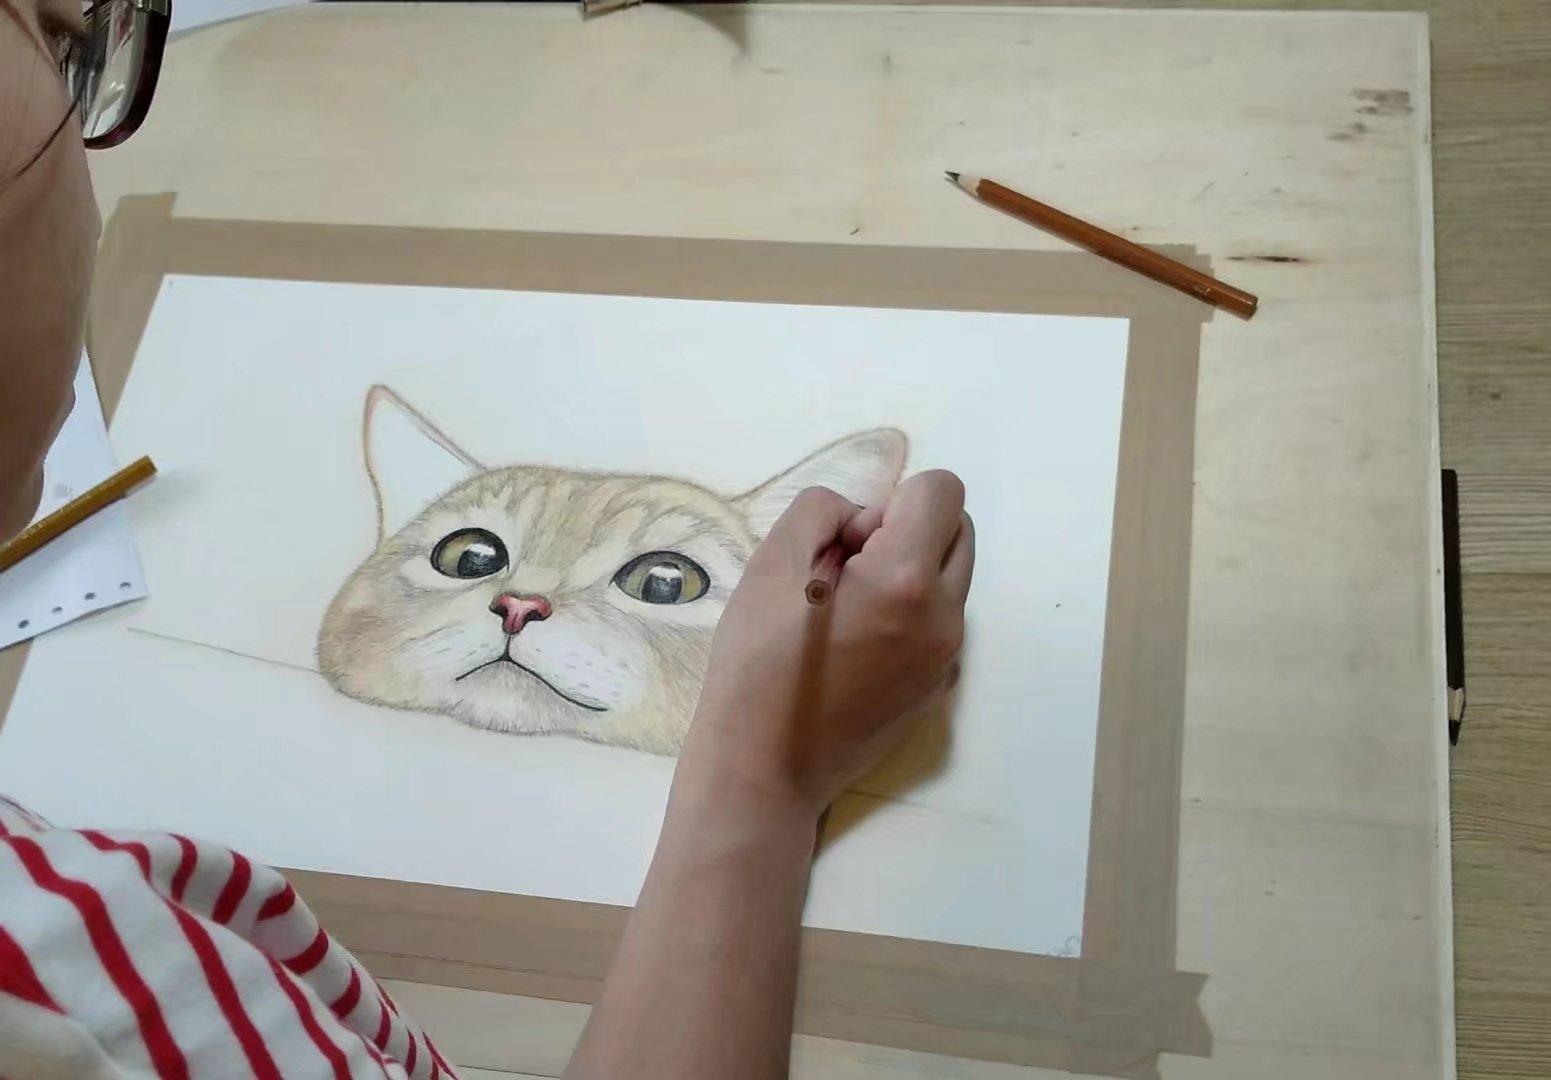 彩铅动物.她为好友画了幅喵咪,作为生日礼物.呆萌呆萌的喵更像她自己.